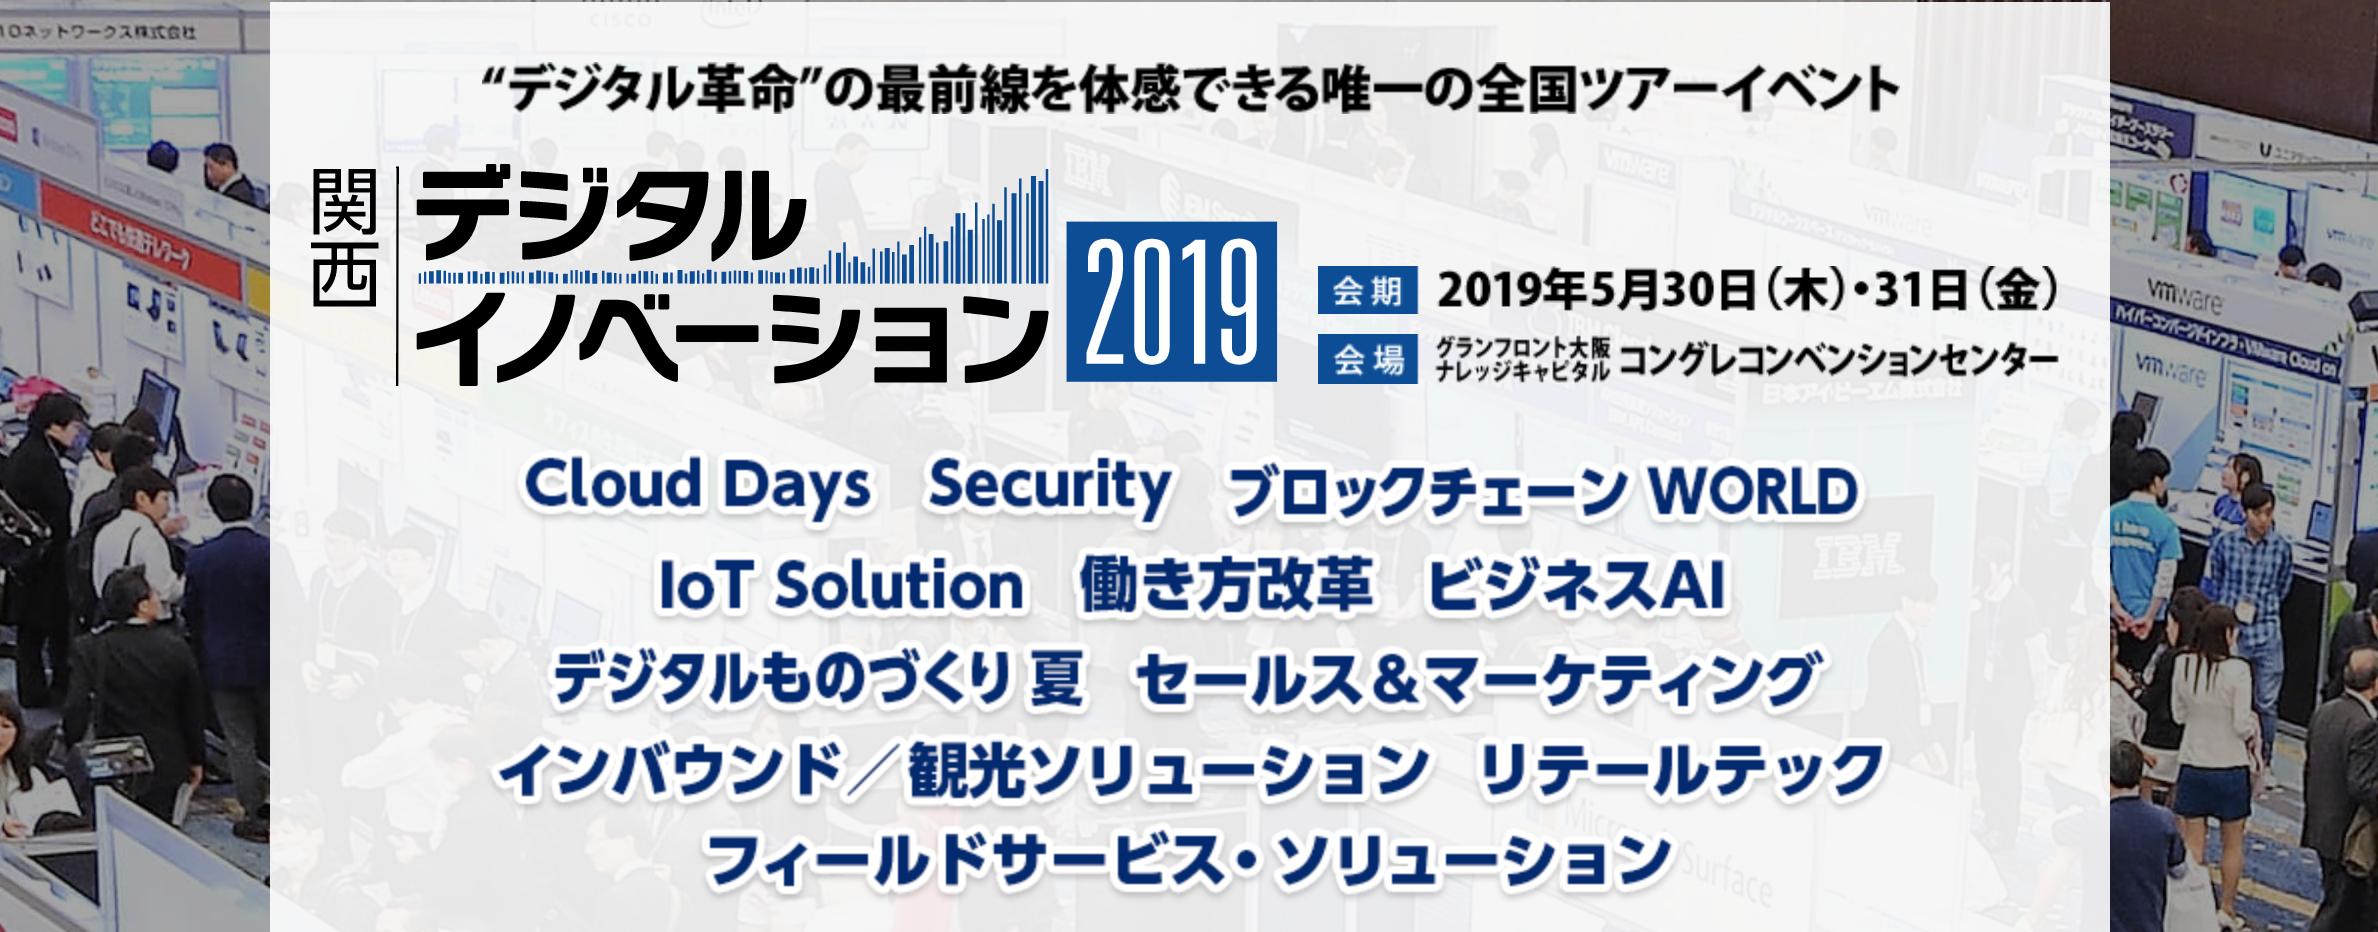 関西デジタルイノベーション 2019